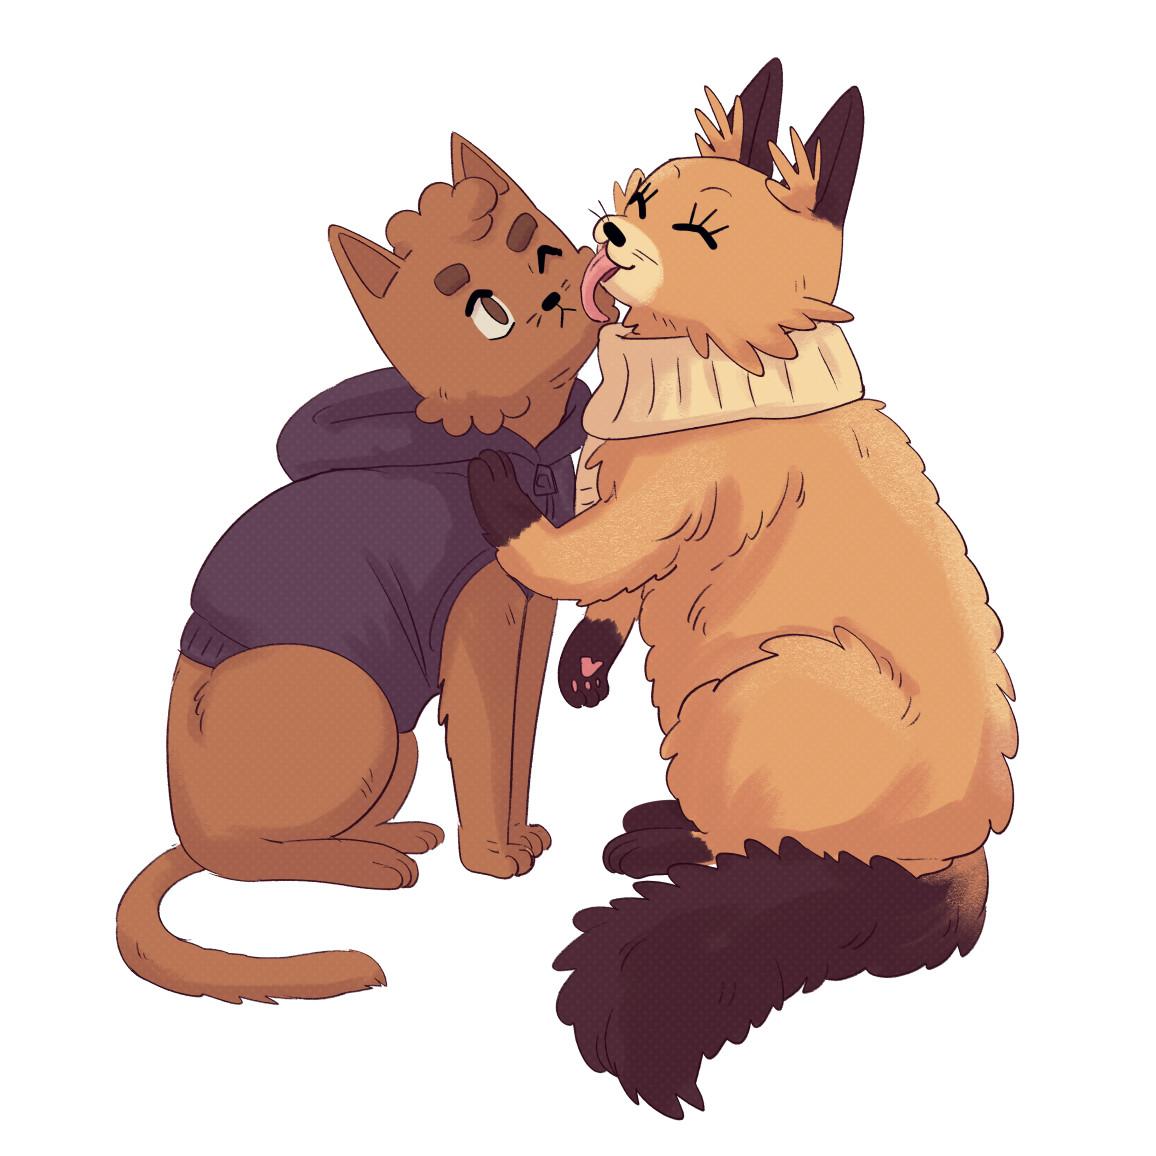 Sunny and Rainy as cats